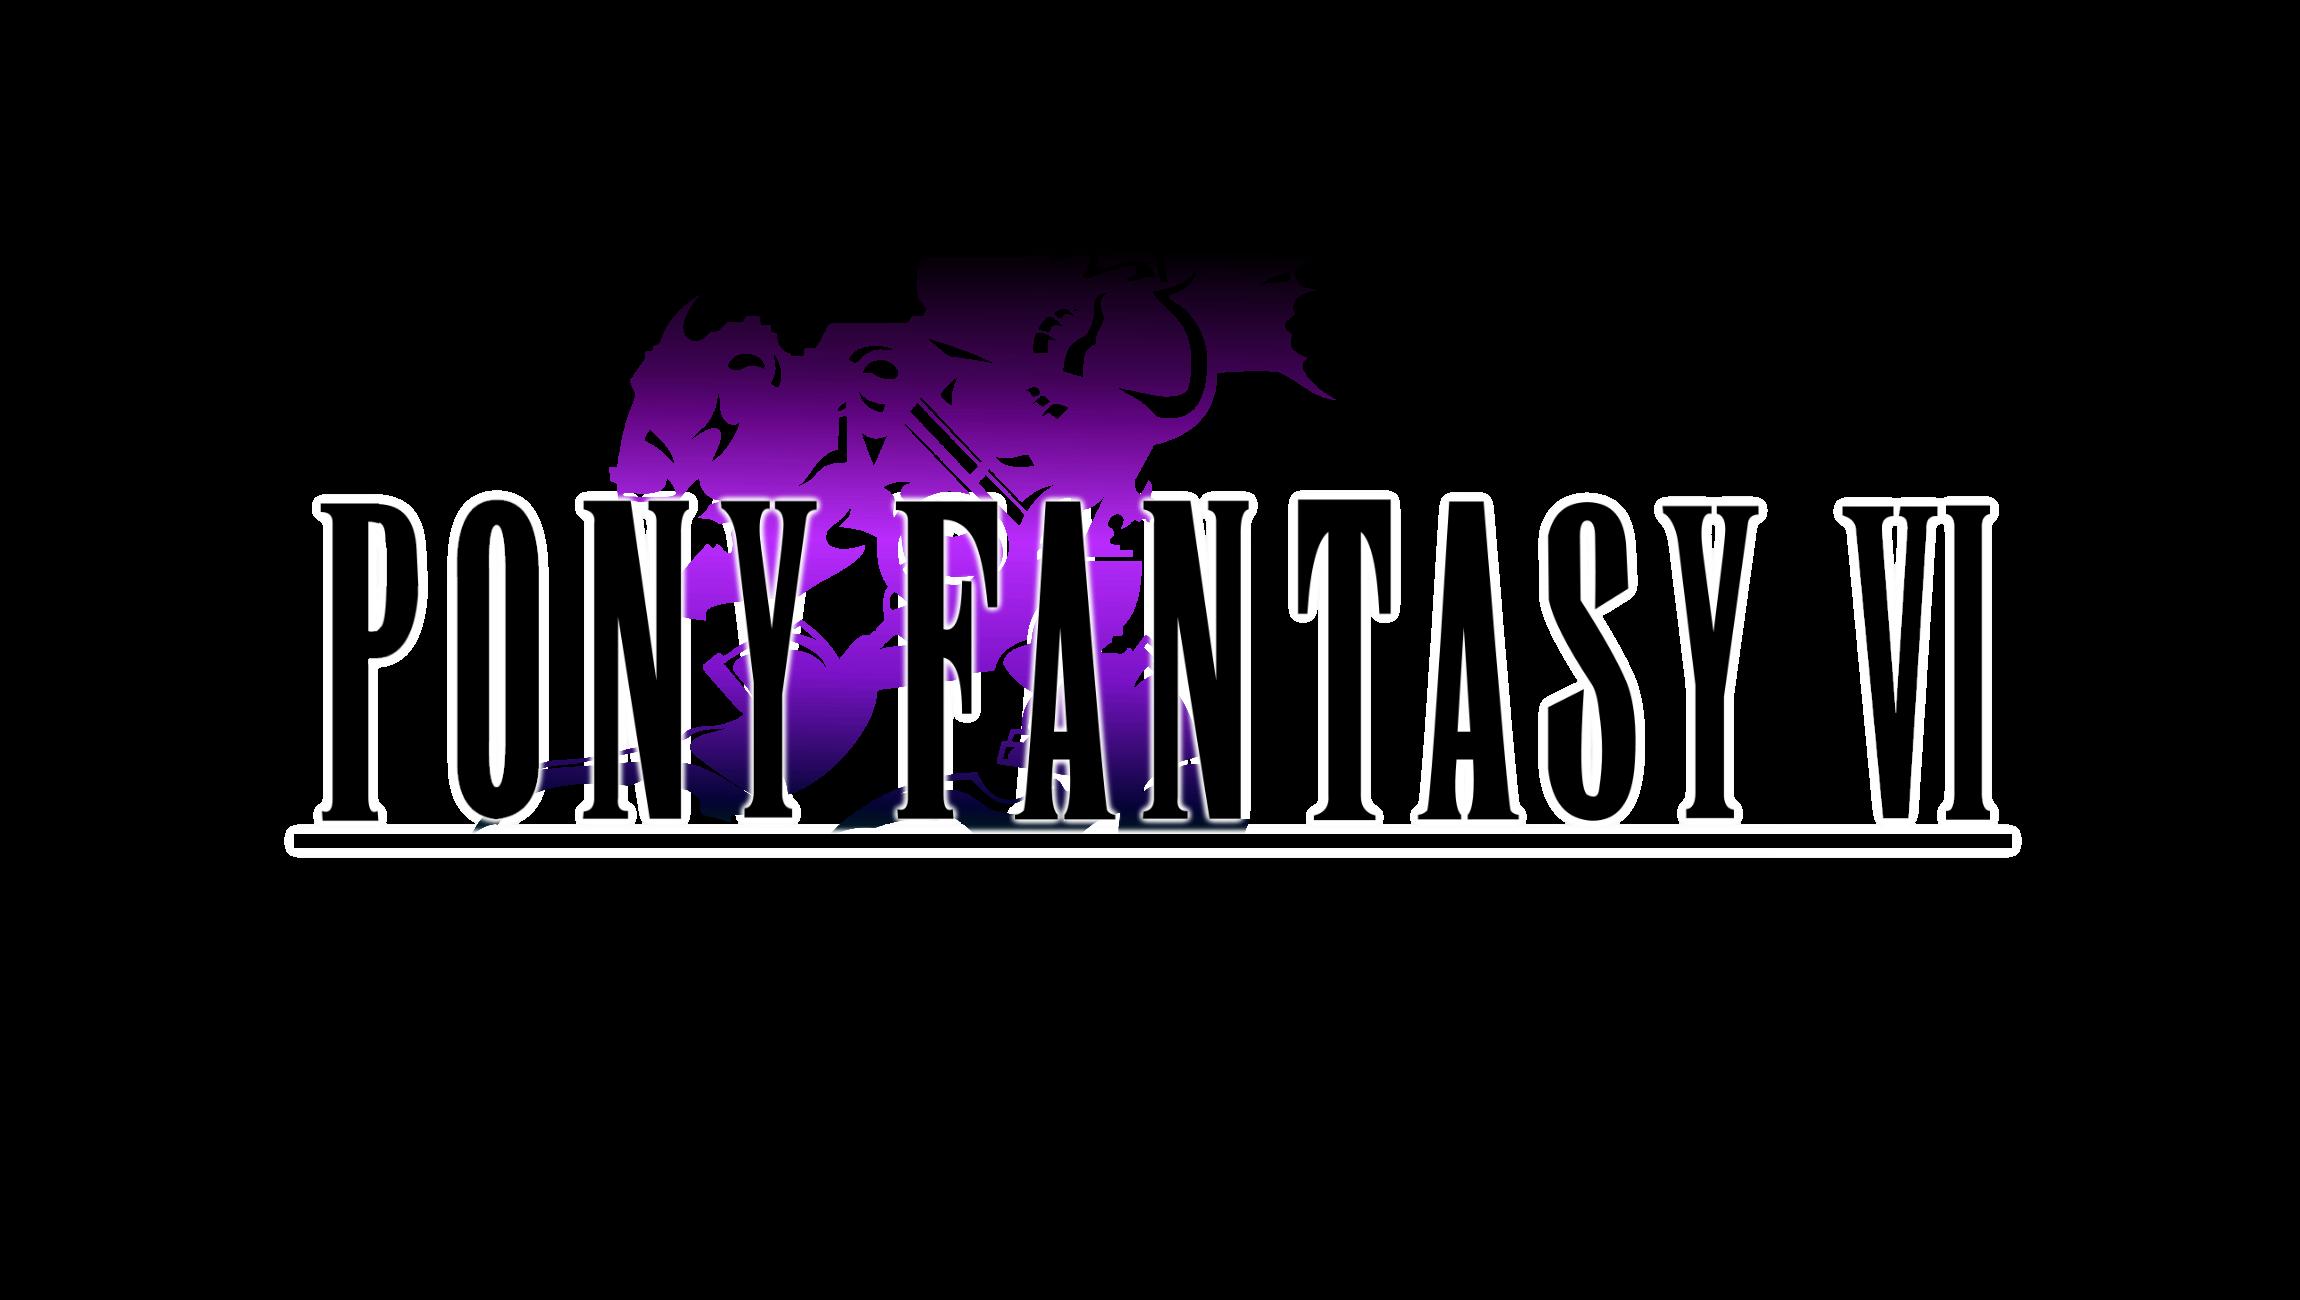 Pony Fantasy VI Logo by TheAuthorGl1m0